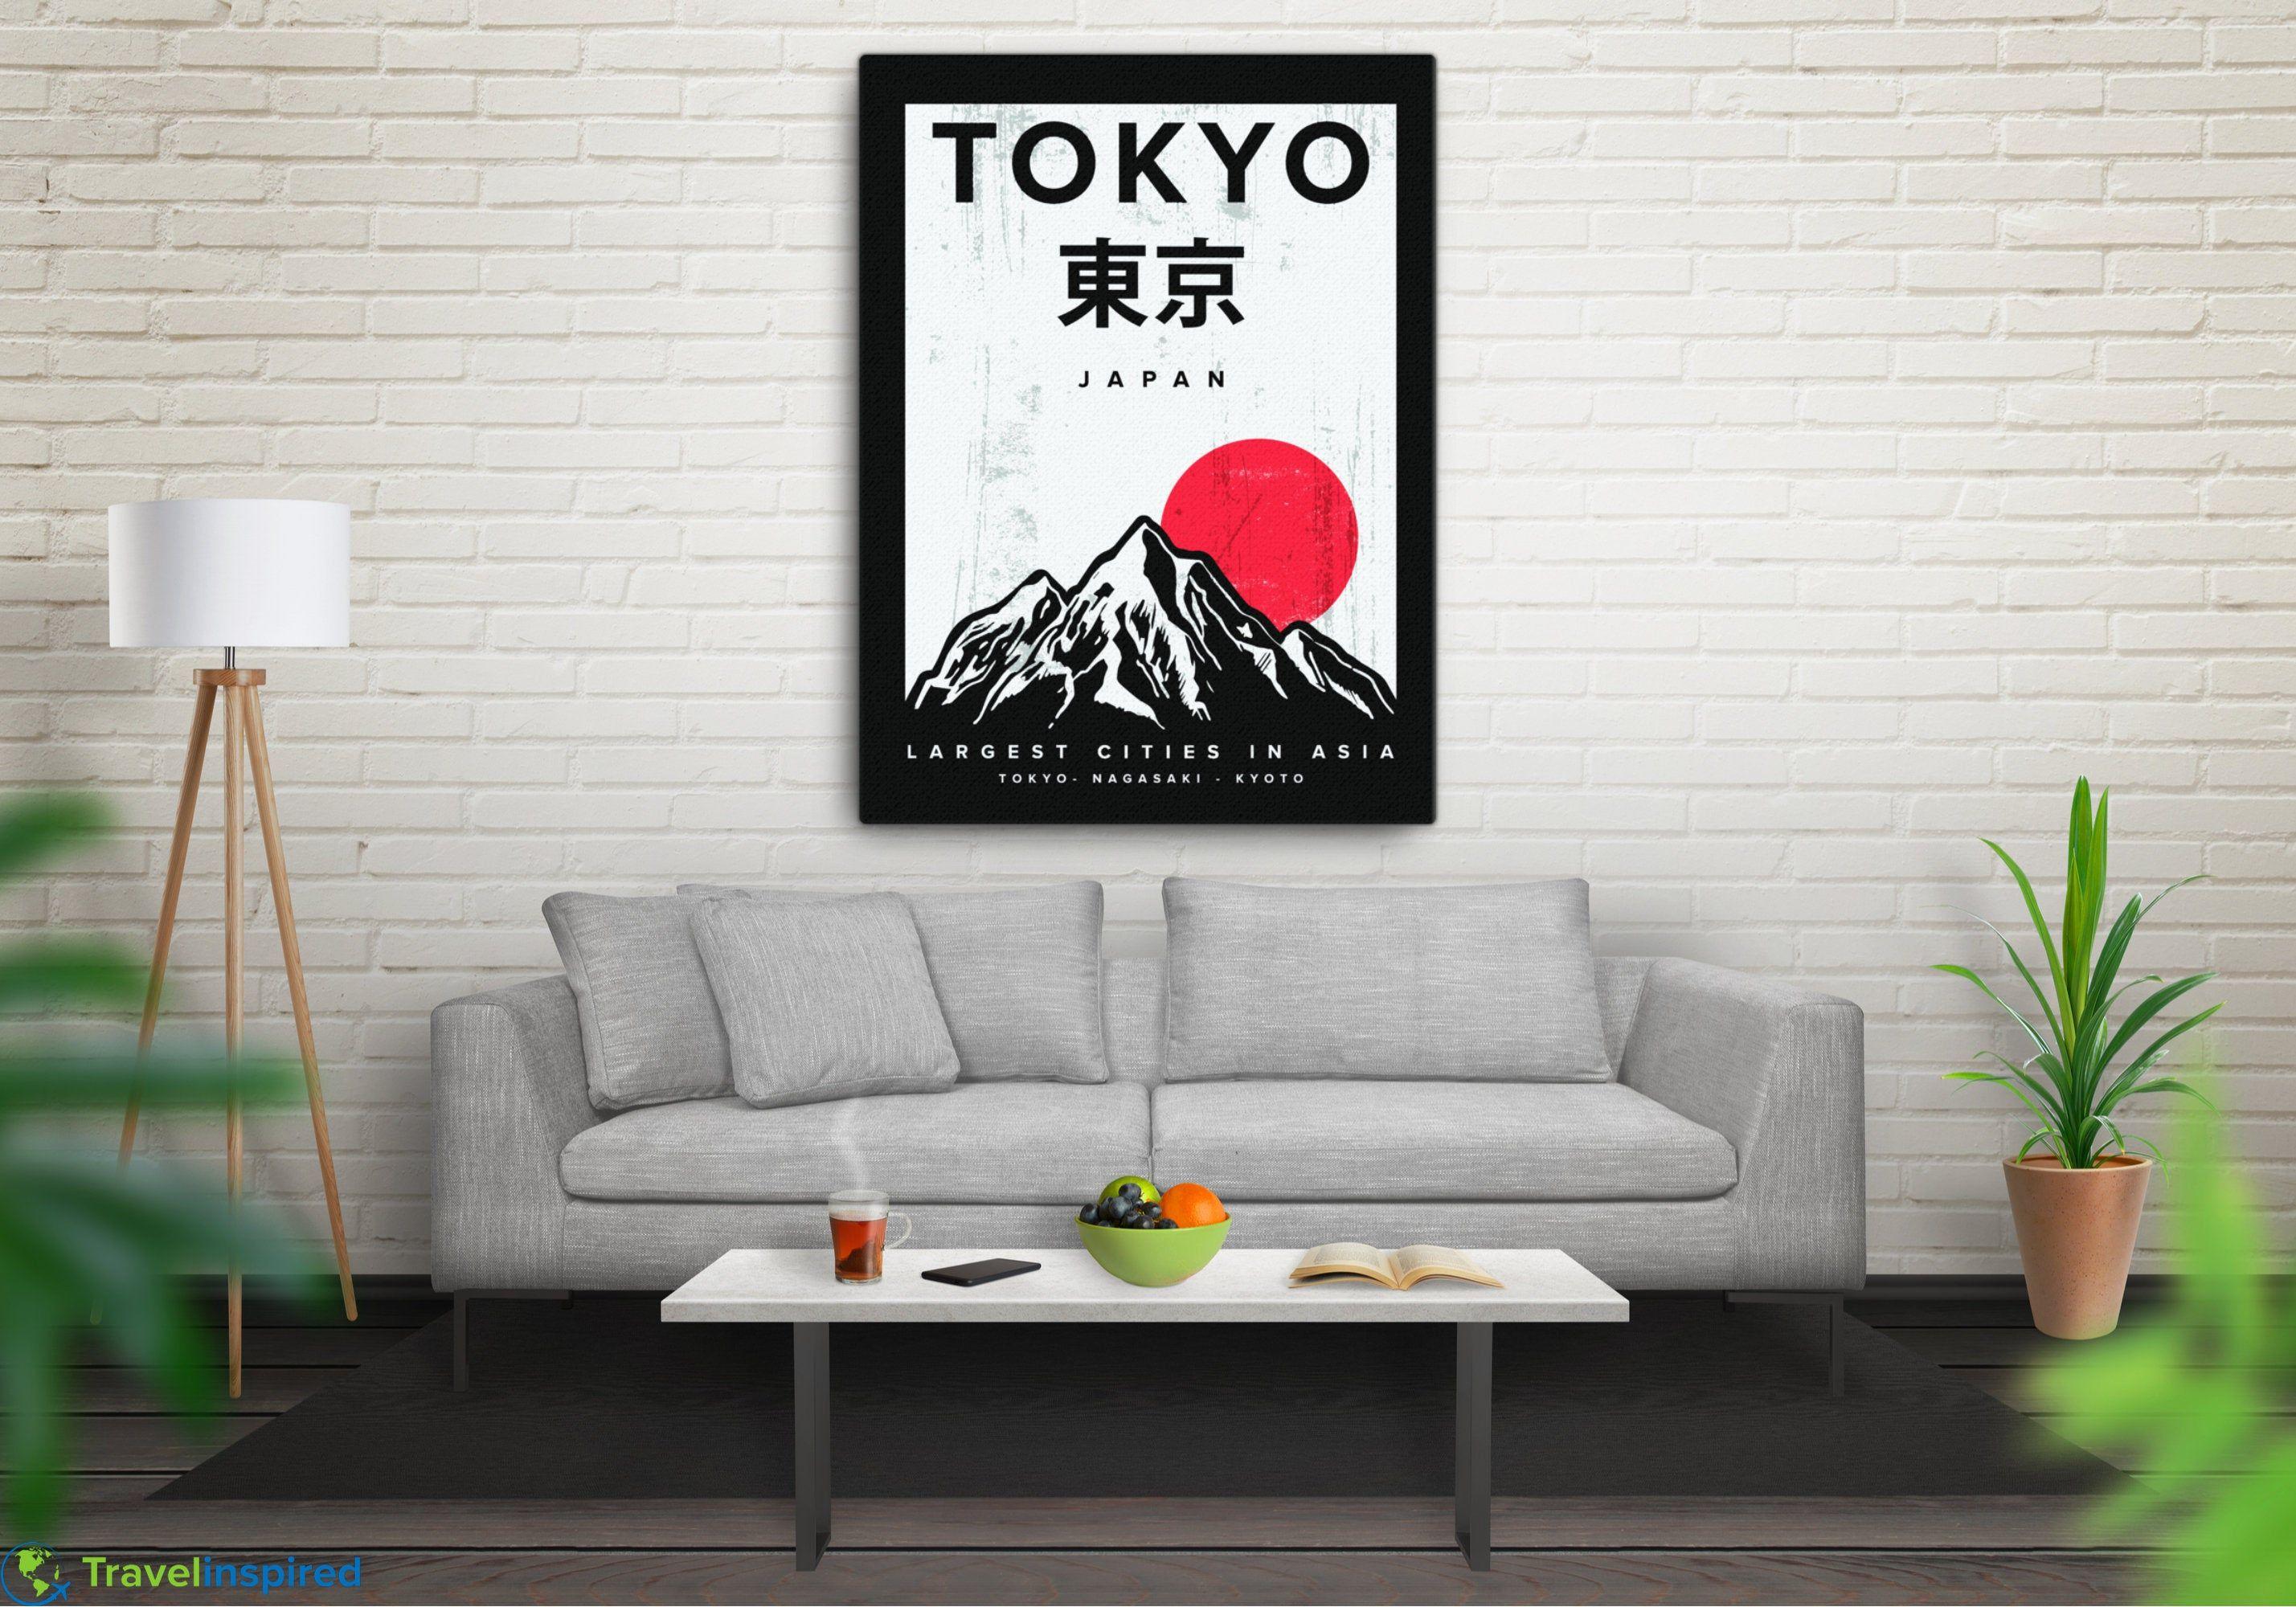 Vintage Tokyo Japan Canvas Japanese Wall Art Minimalist Etsy Japanese Wall Art Tokyo Wall Art Japanese Wall